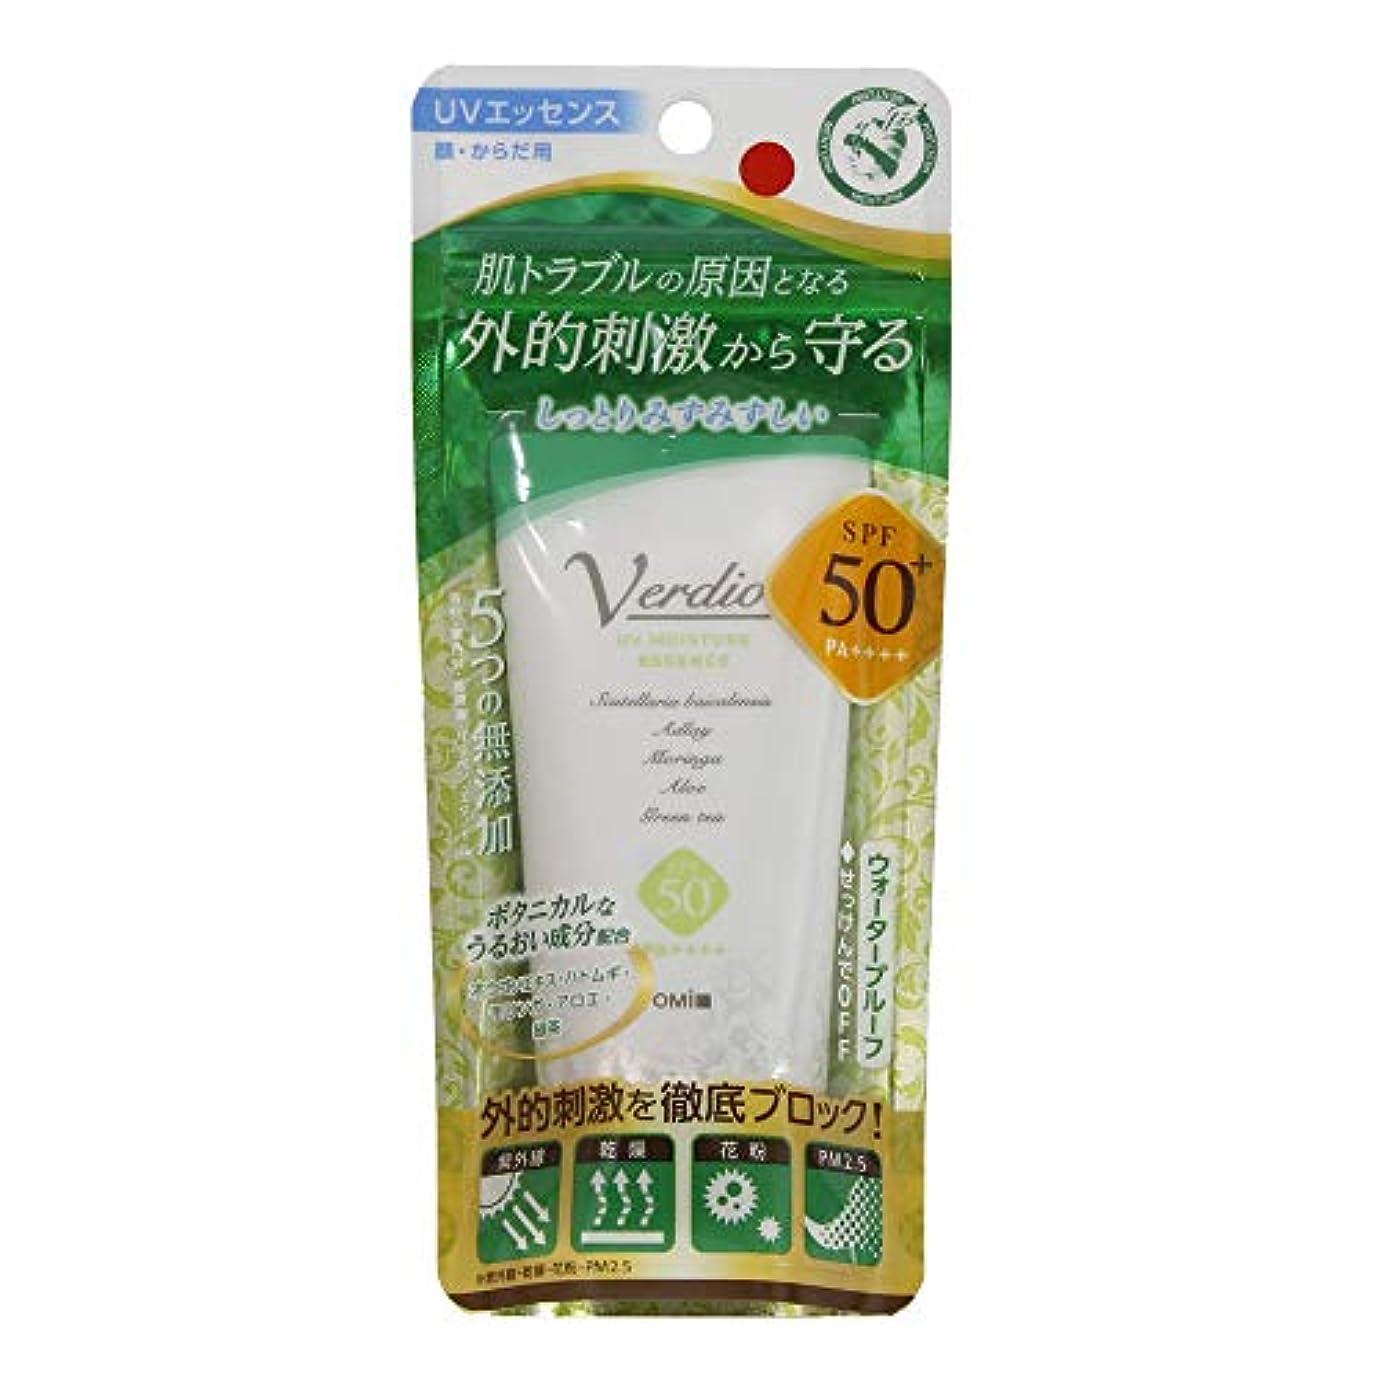 東方橋脚医薬品ベルディオUVモイスチャーエッセンス